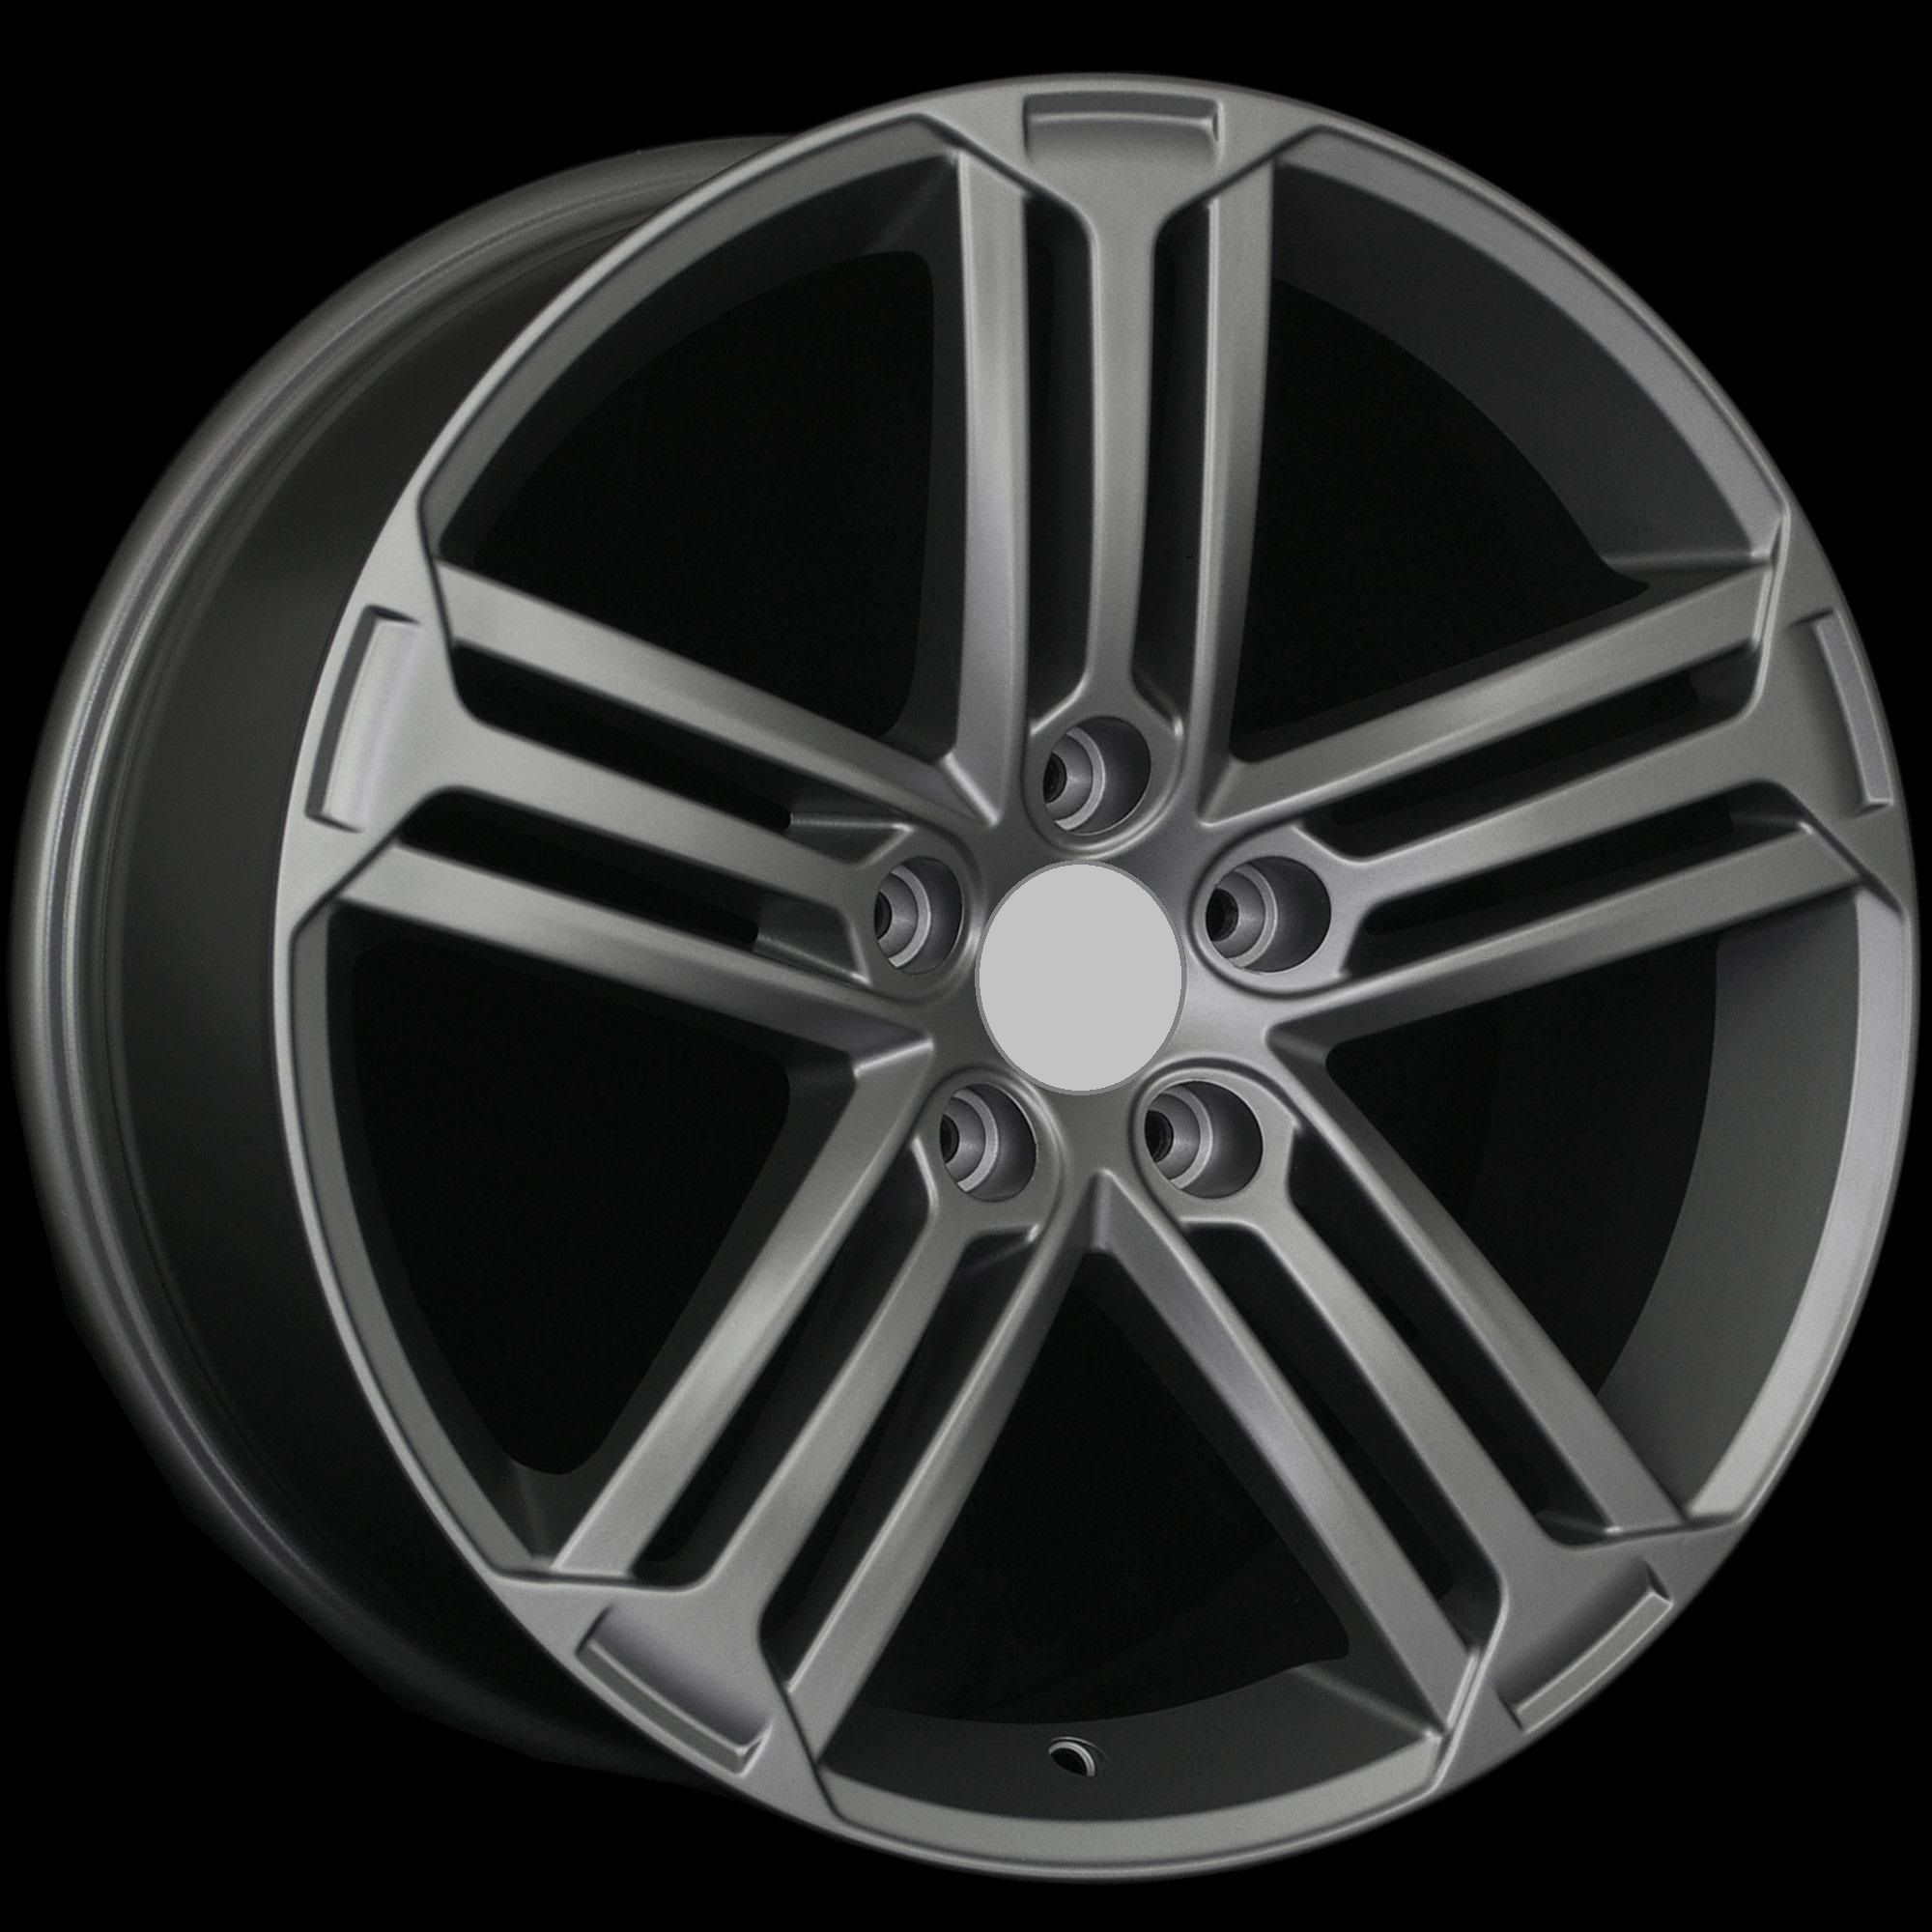 Golf R Style MATTE GUNMETAL Wheels Rims Fit VW JETTA 5TH GEN 2005 2012